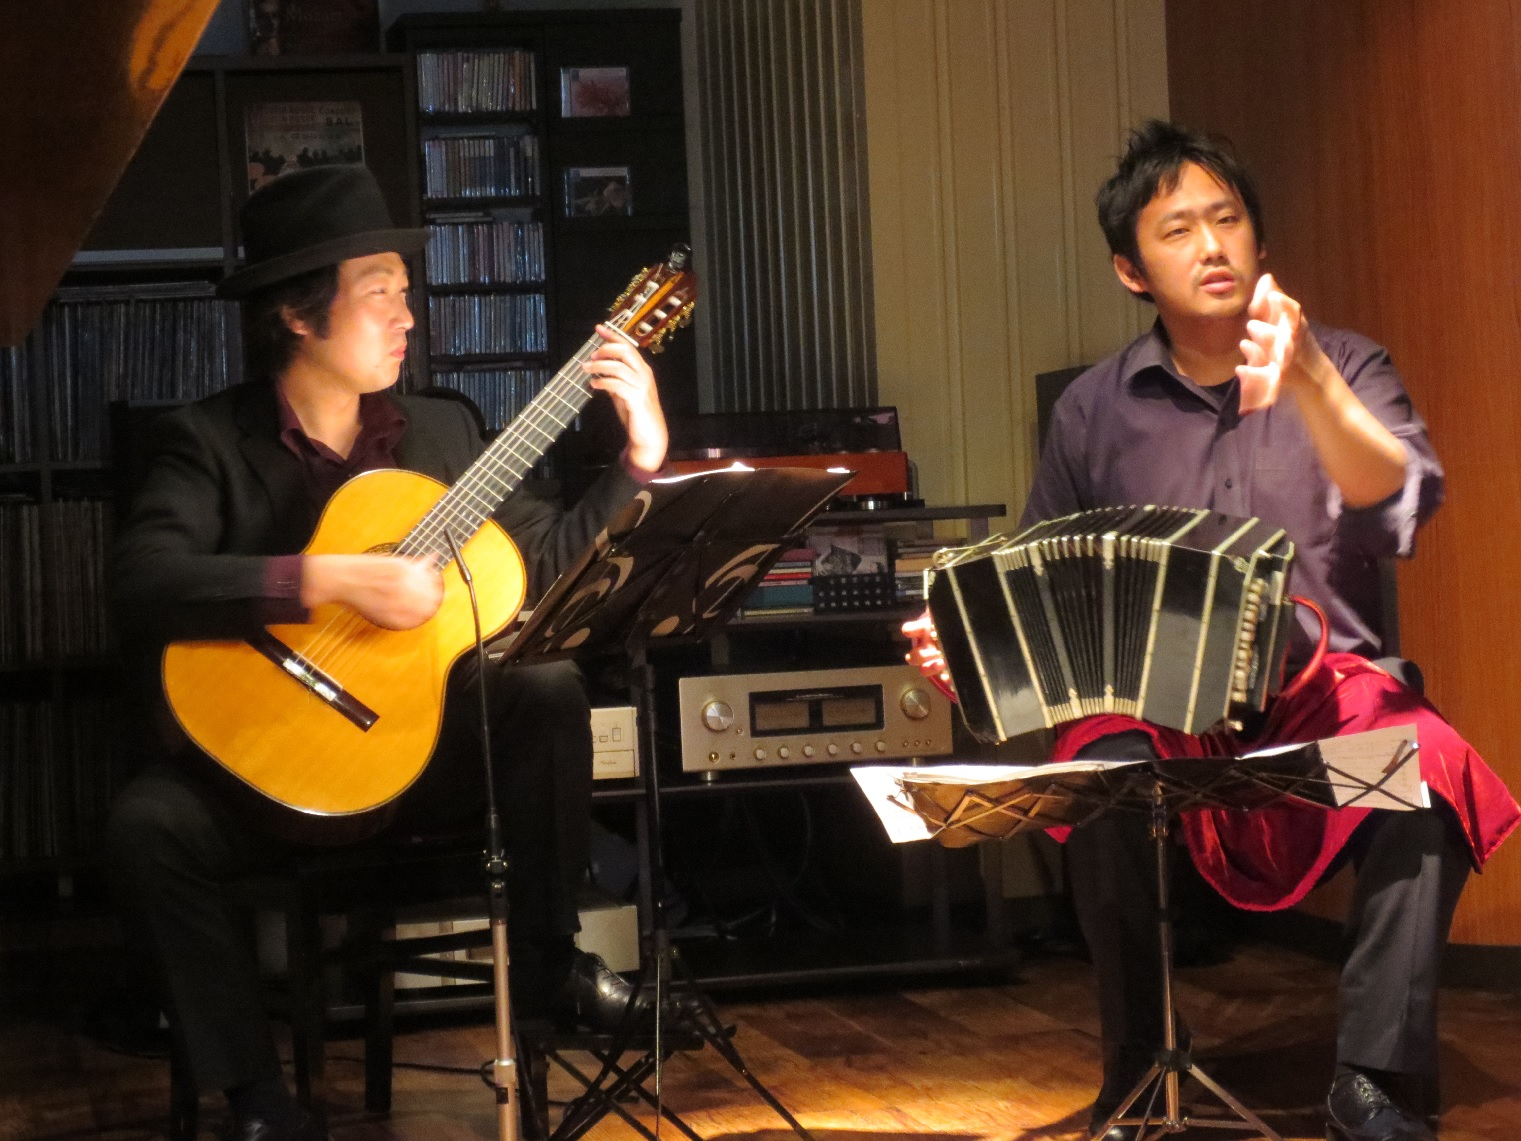 大阪関目 バンドネオン&ギター